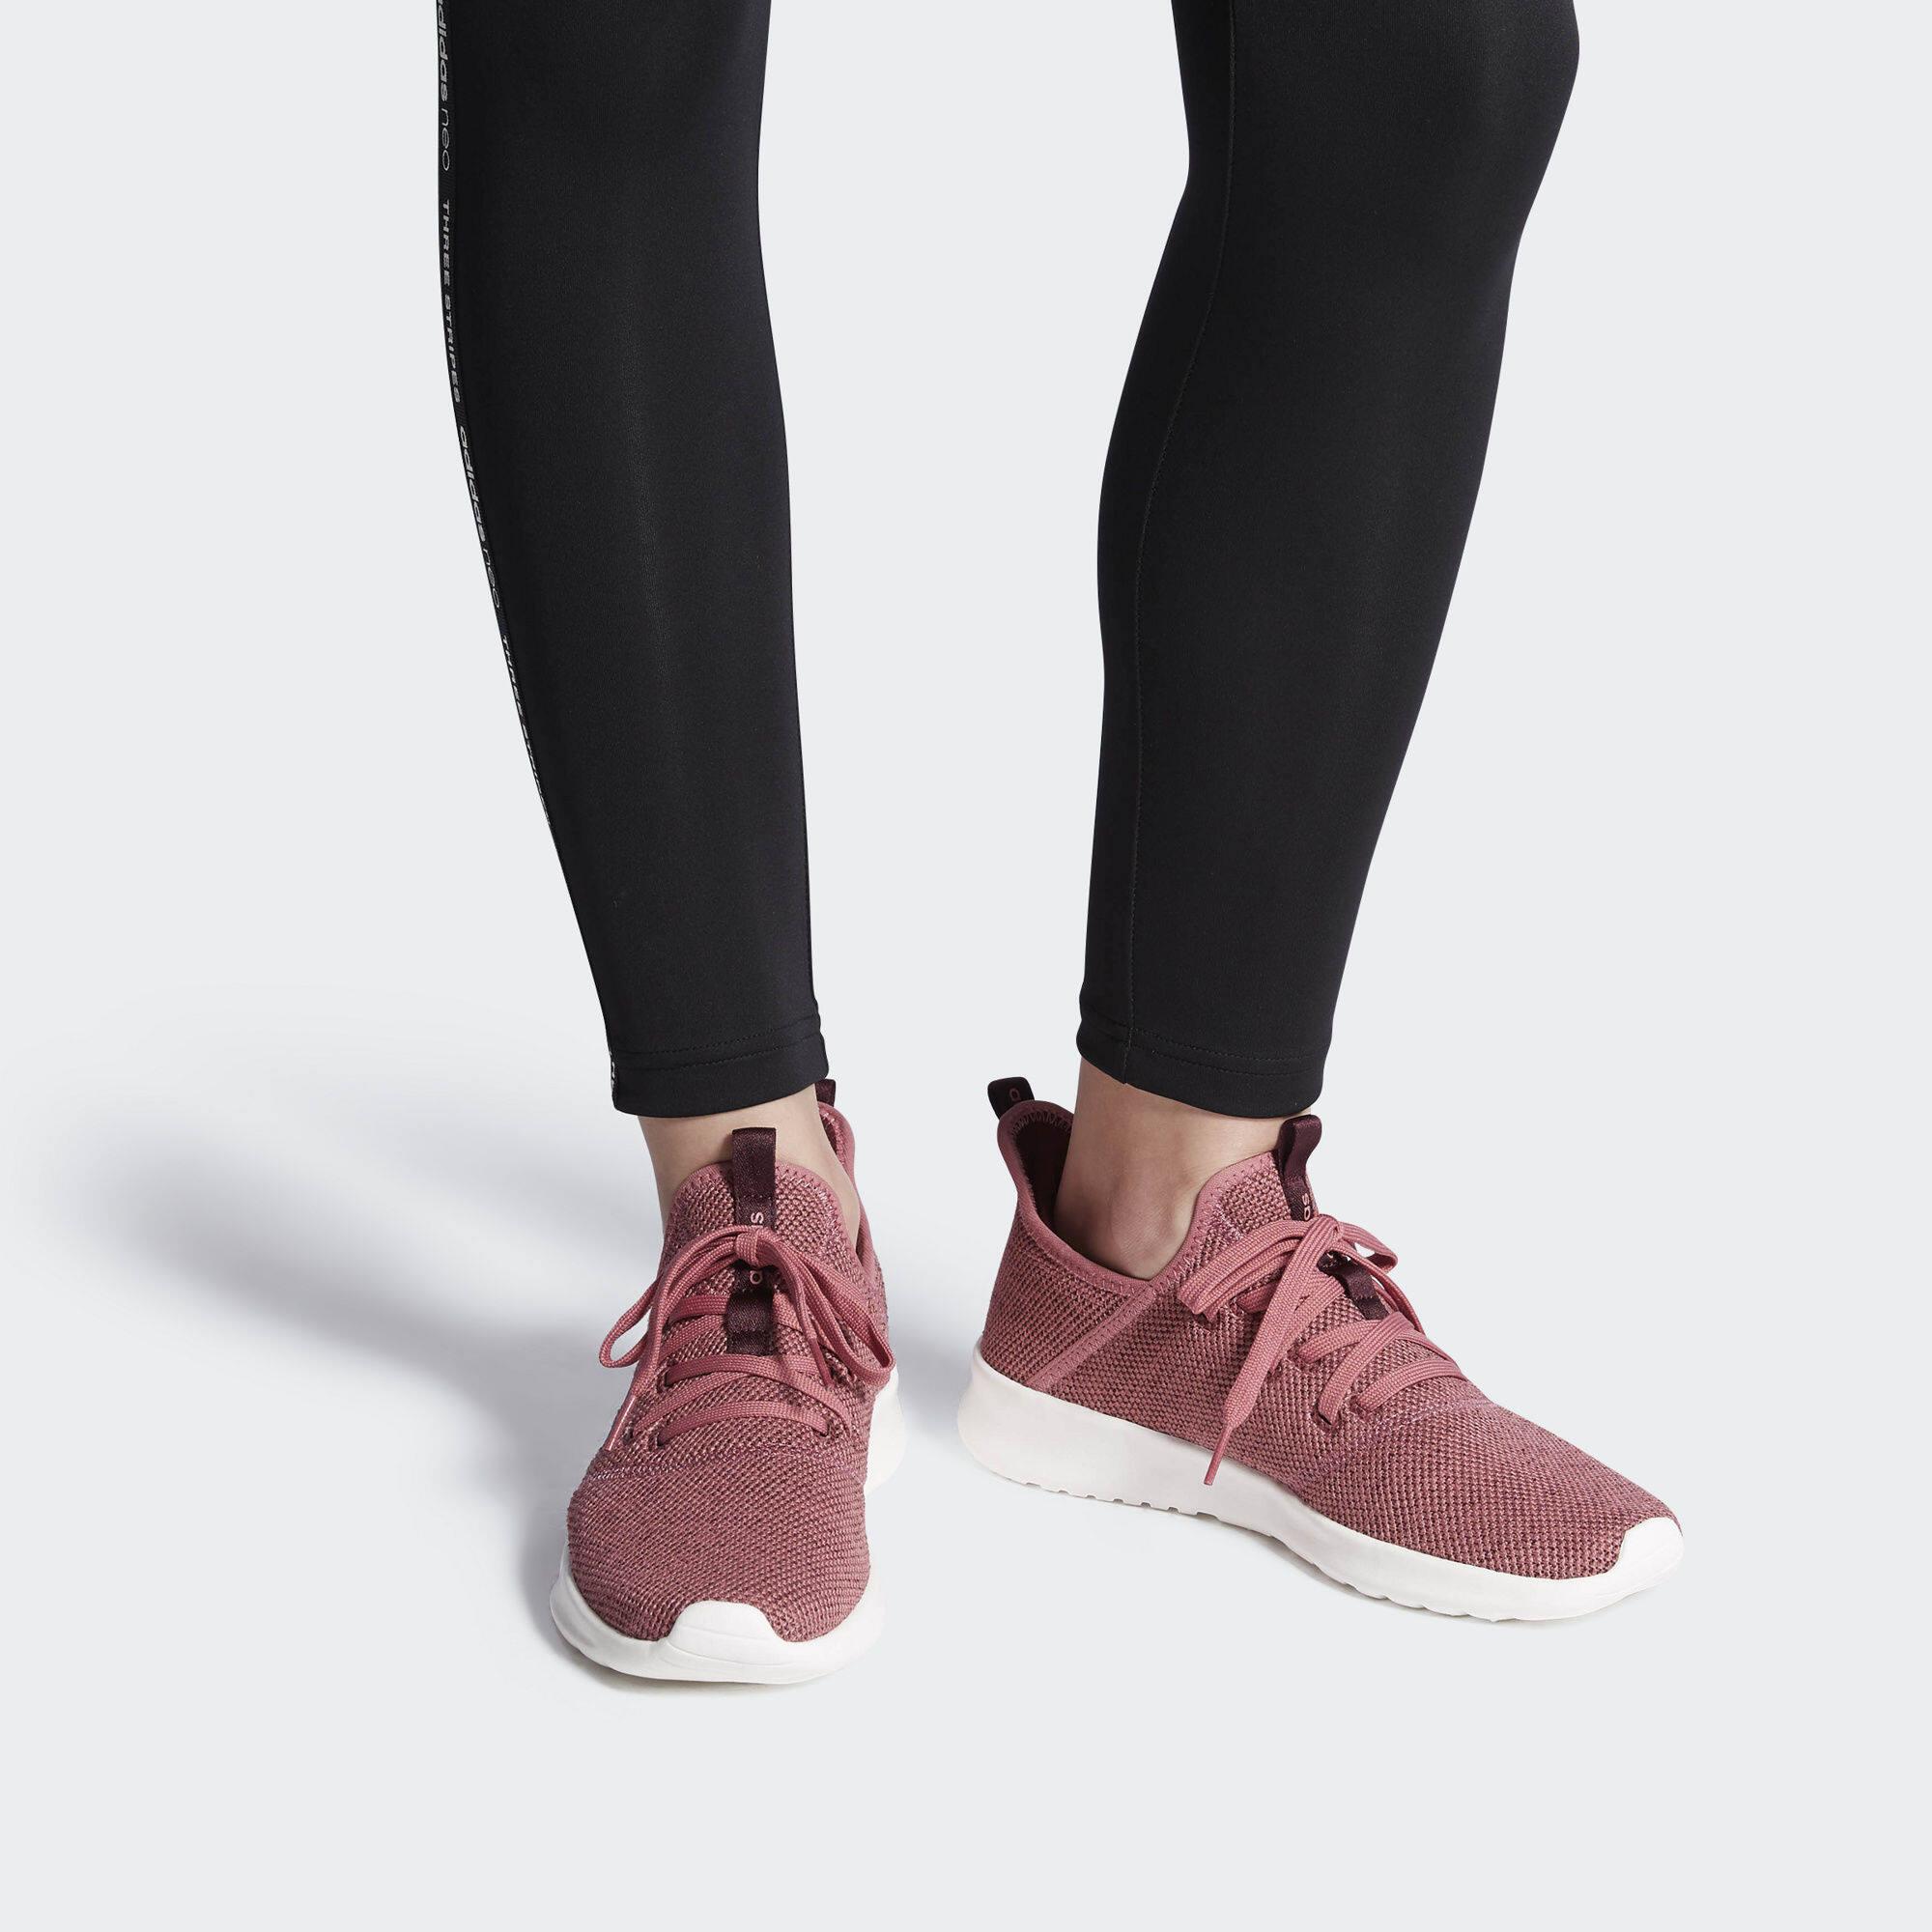 รองเท้าเทรนนิ่ง รองเท้าแฟชั่น อาดิดาส Adidas